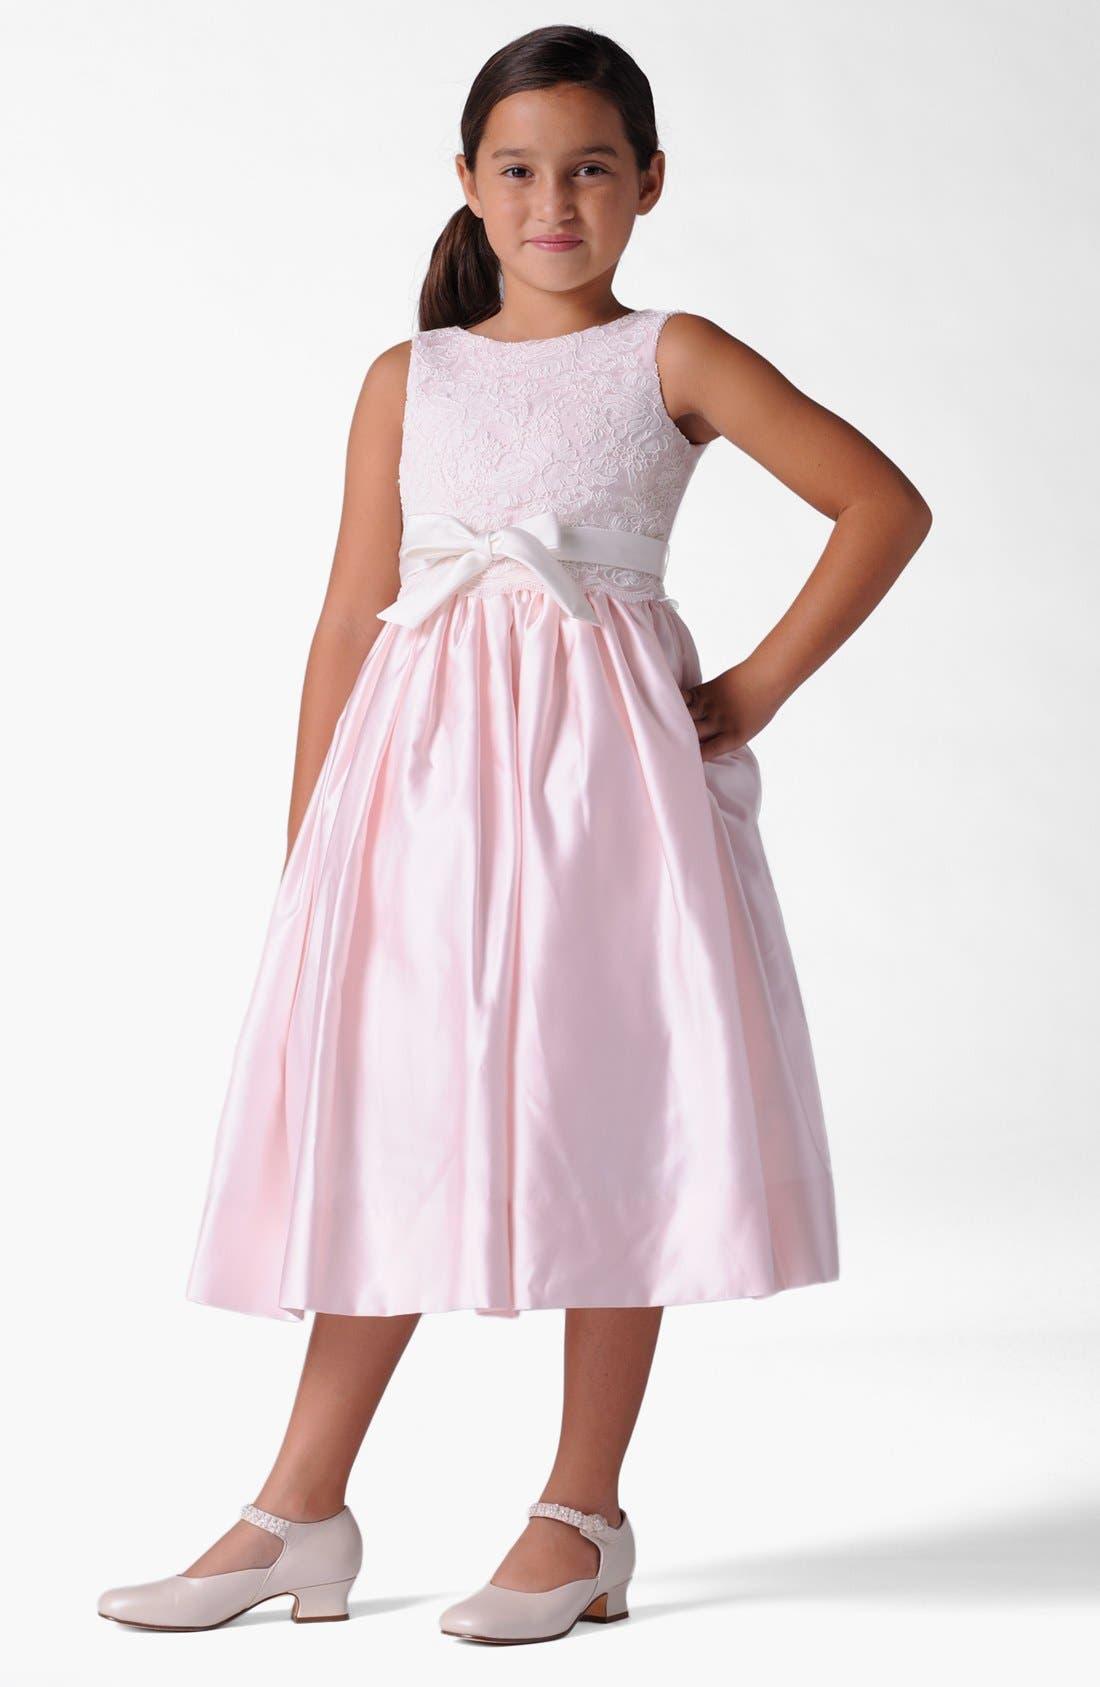 Alternate Image 1 Selected - Us Angels Lace Dress (Infant, Toddler, Little Girls & Big Girls)